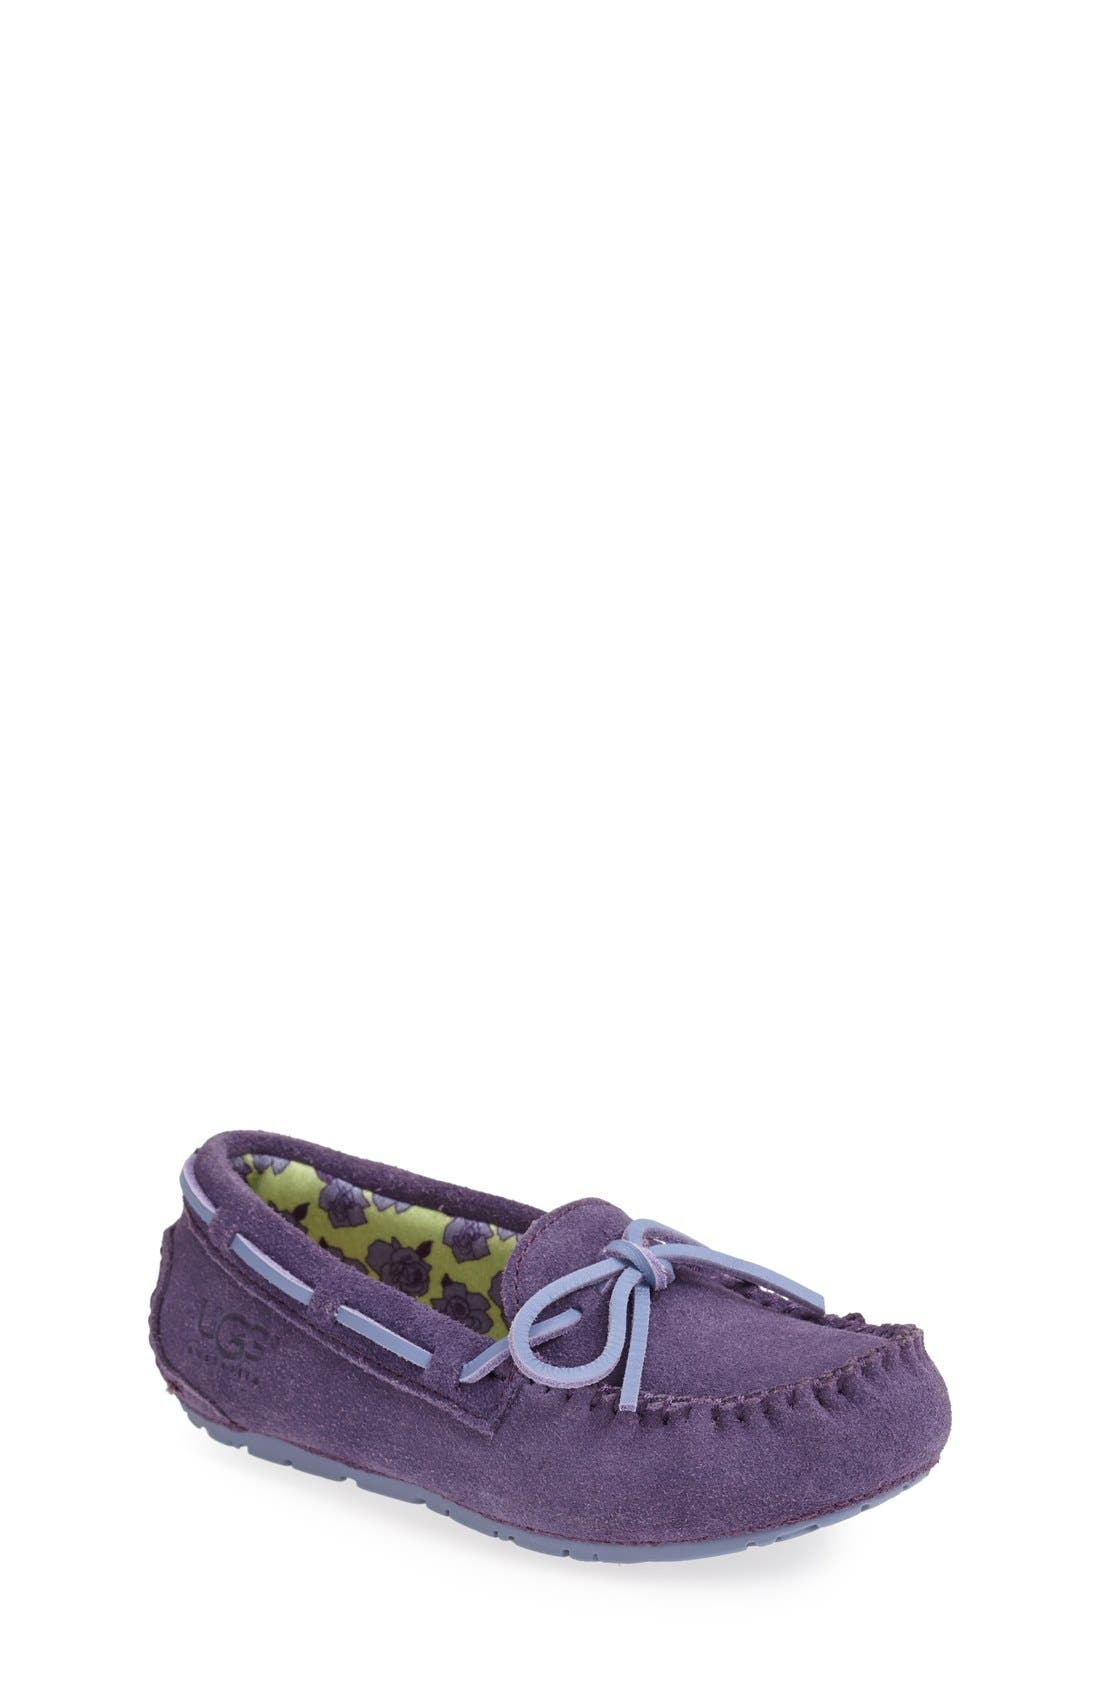 Main Image - UGG® 'Ryder Rose' Slipper (Toddler, Little Kid & Big Kid)